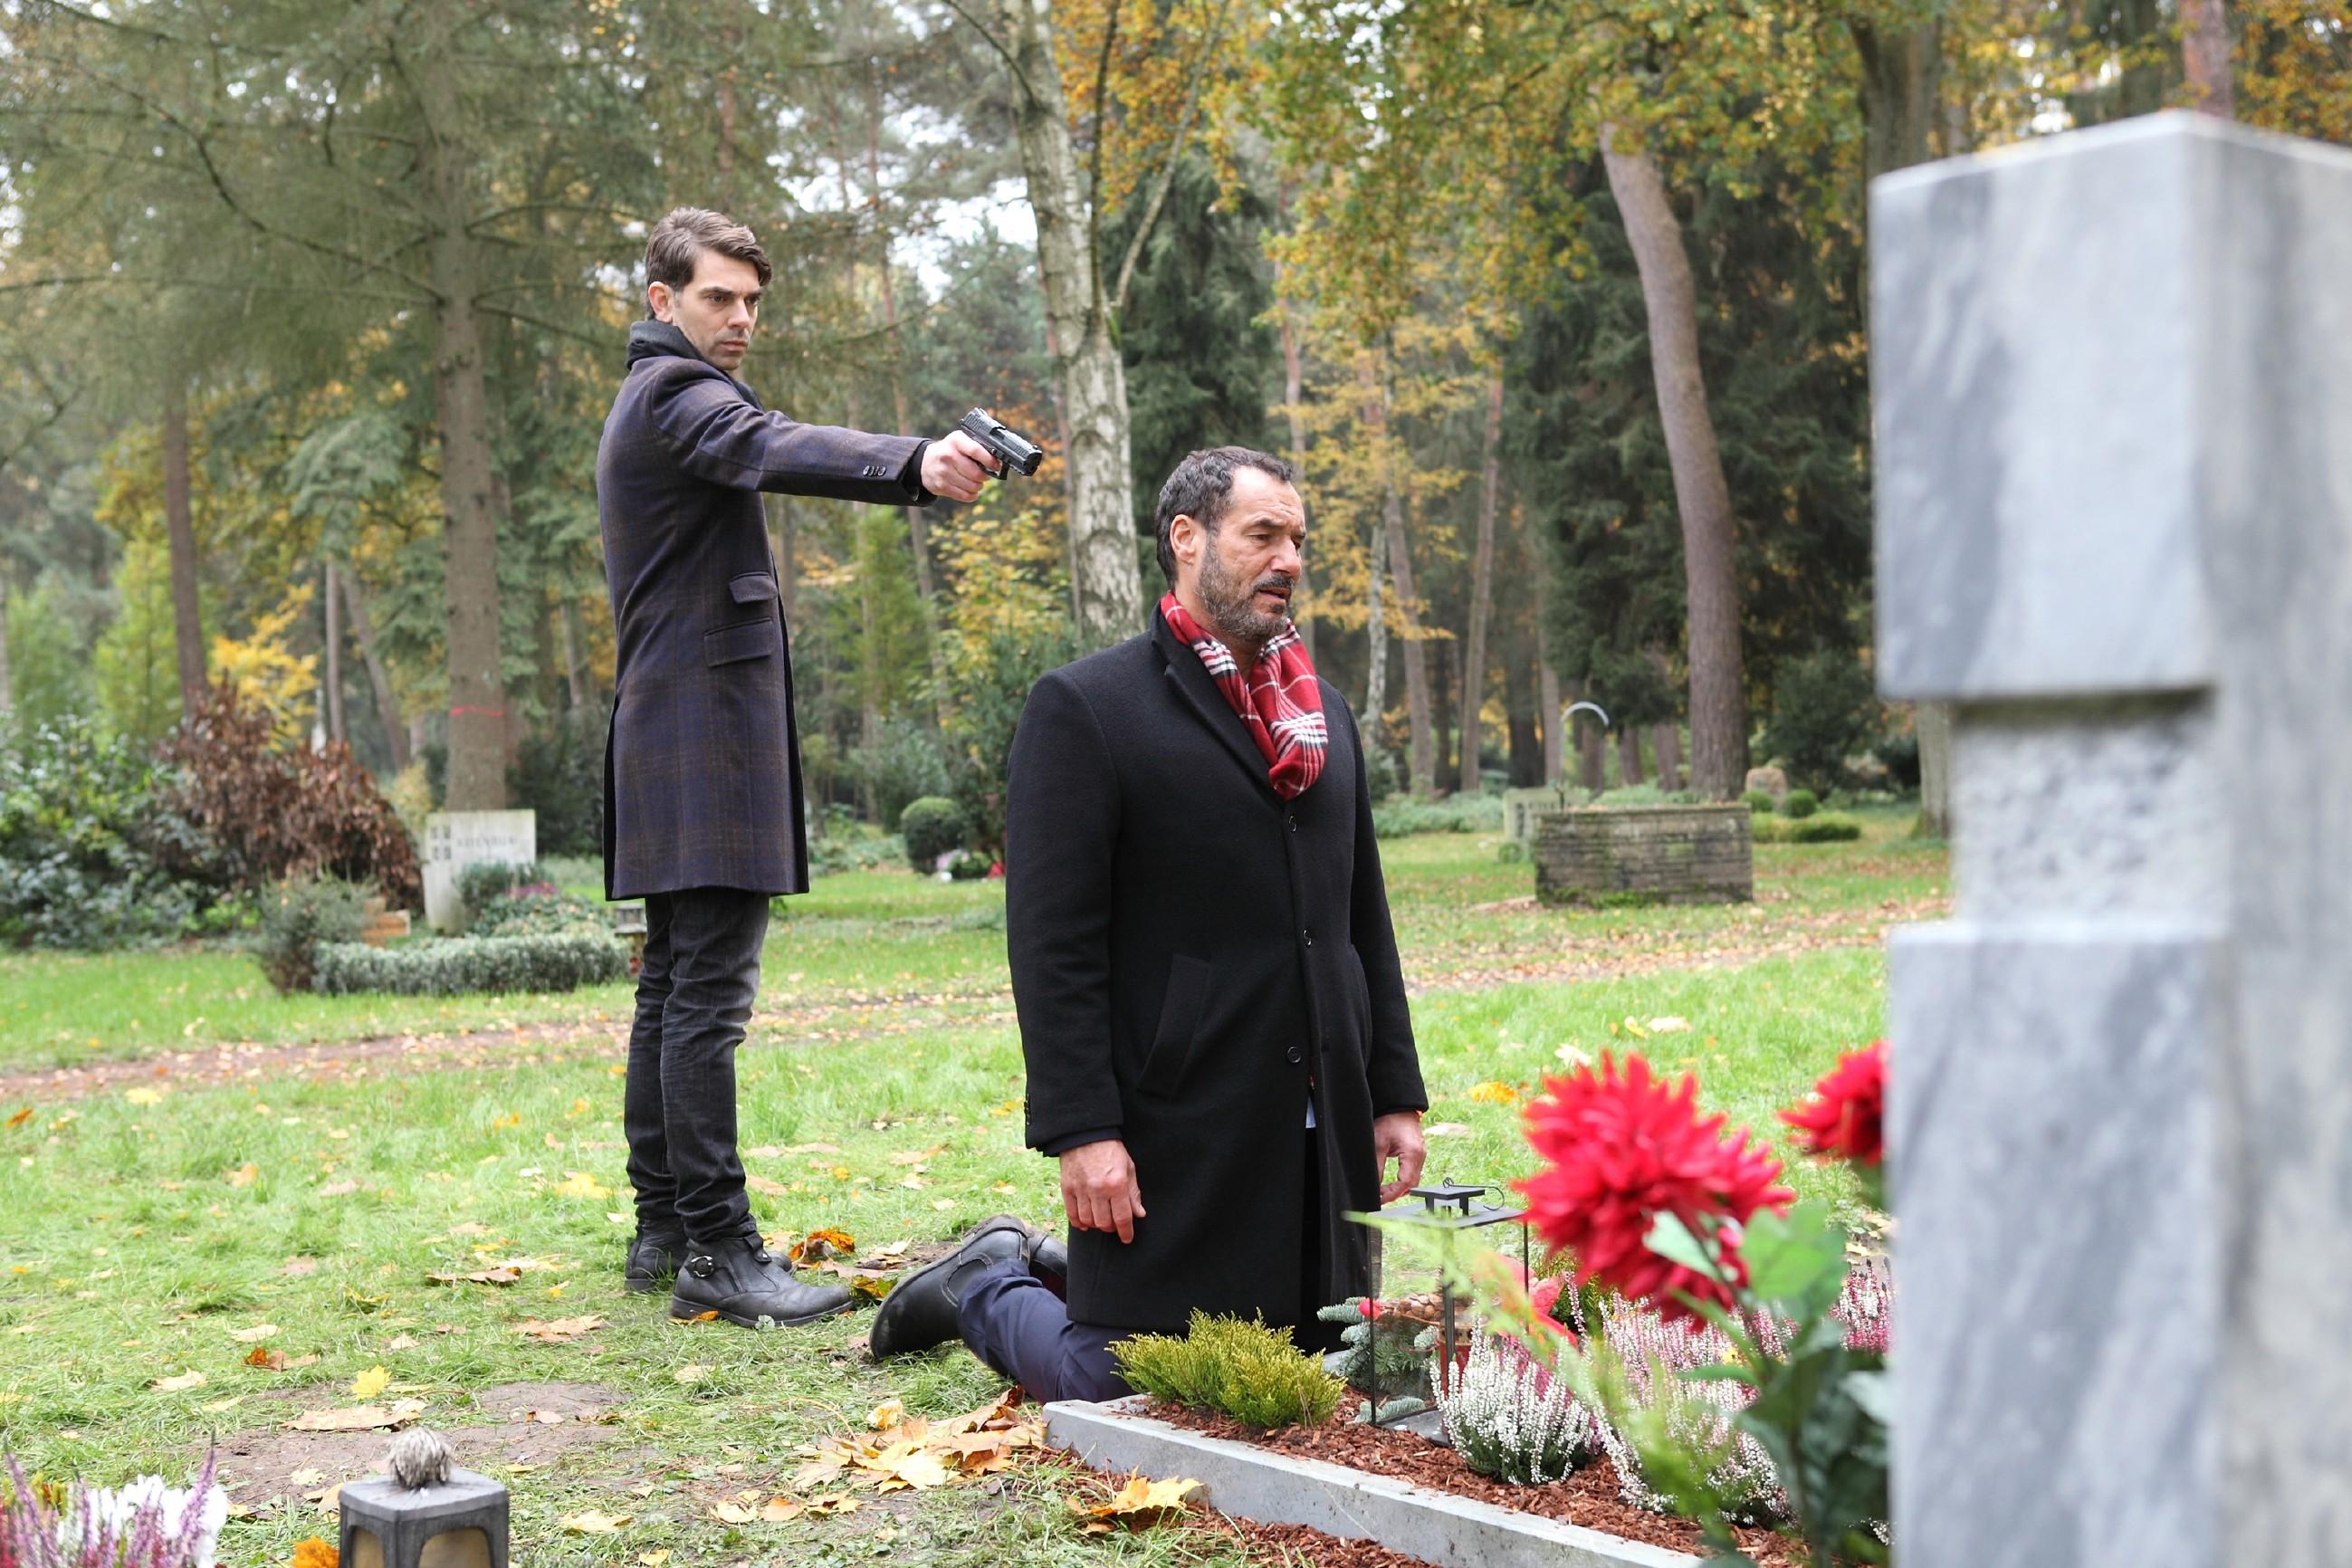 Veit (Carsten Clemens, l.) hat Richard (Silvan-Pierre Leirich) gezwungen, mit ihm an Emmas Grab zu gehen, um dort seine Rache endlich zu vollenden... (Quelle: RTL / Frank W. Hempel)